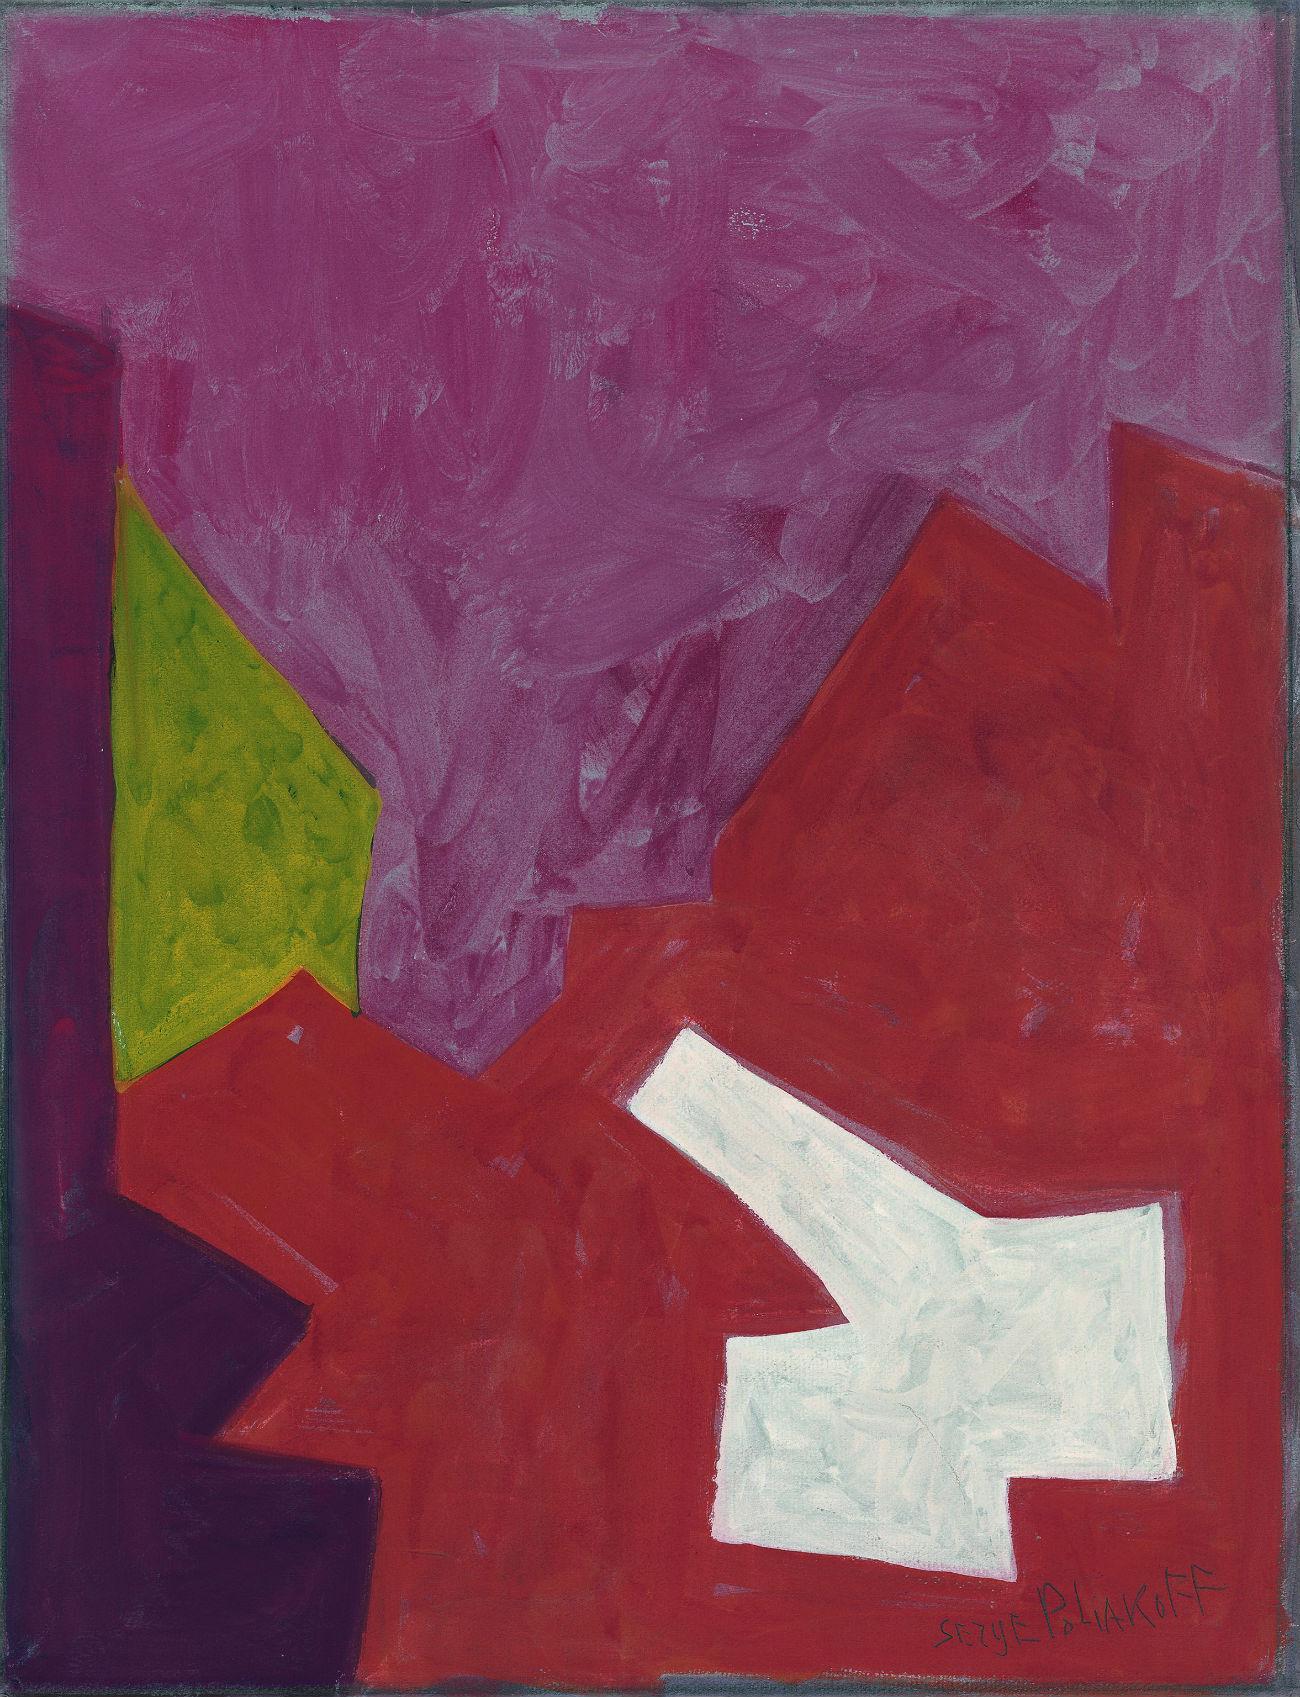 Composition abstraite dans les tons rouges par Serge Poliakoff. Crédit : Lancz Gallery